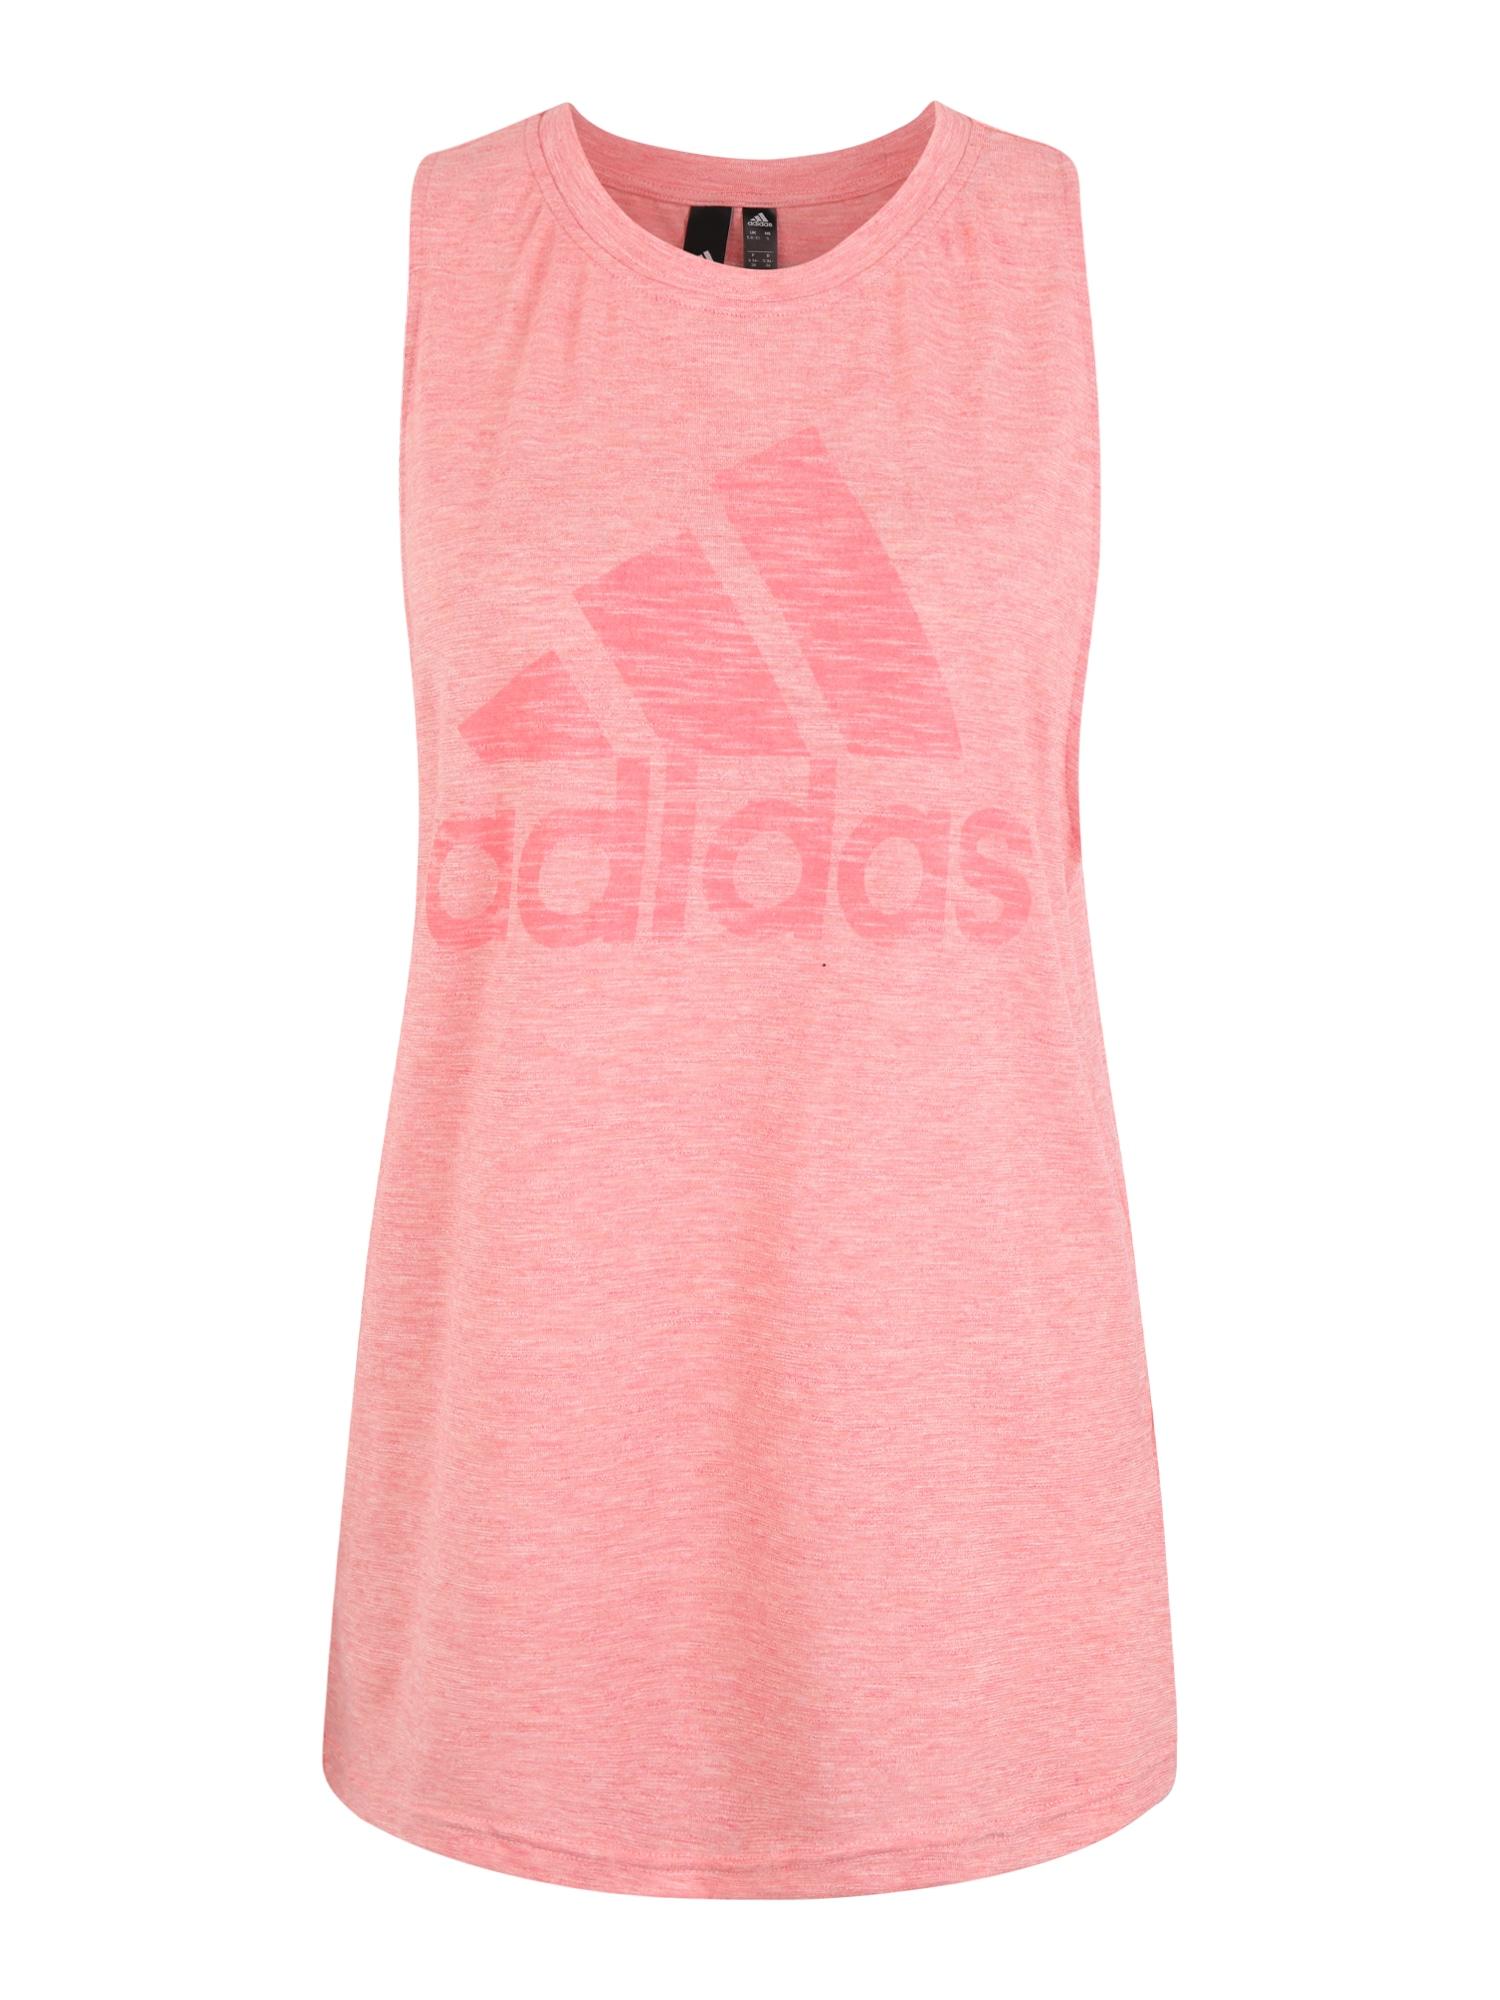 ADIDAS PERFORMANCE Sportovní top  pink